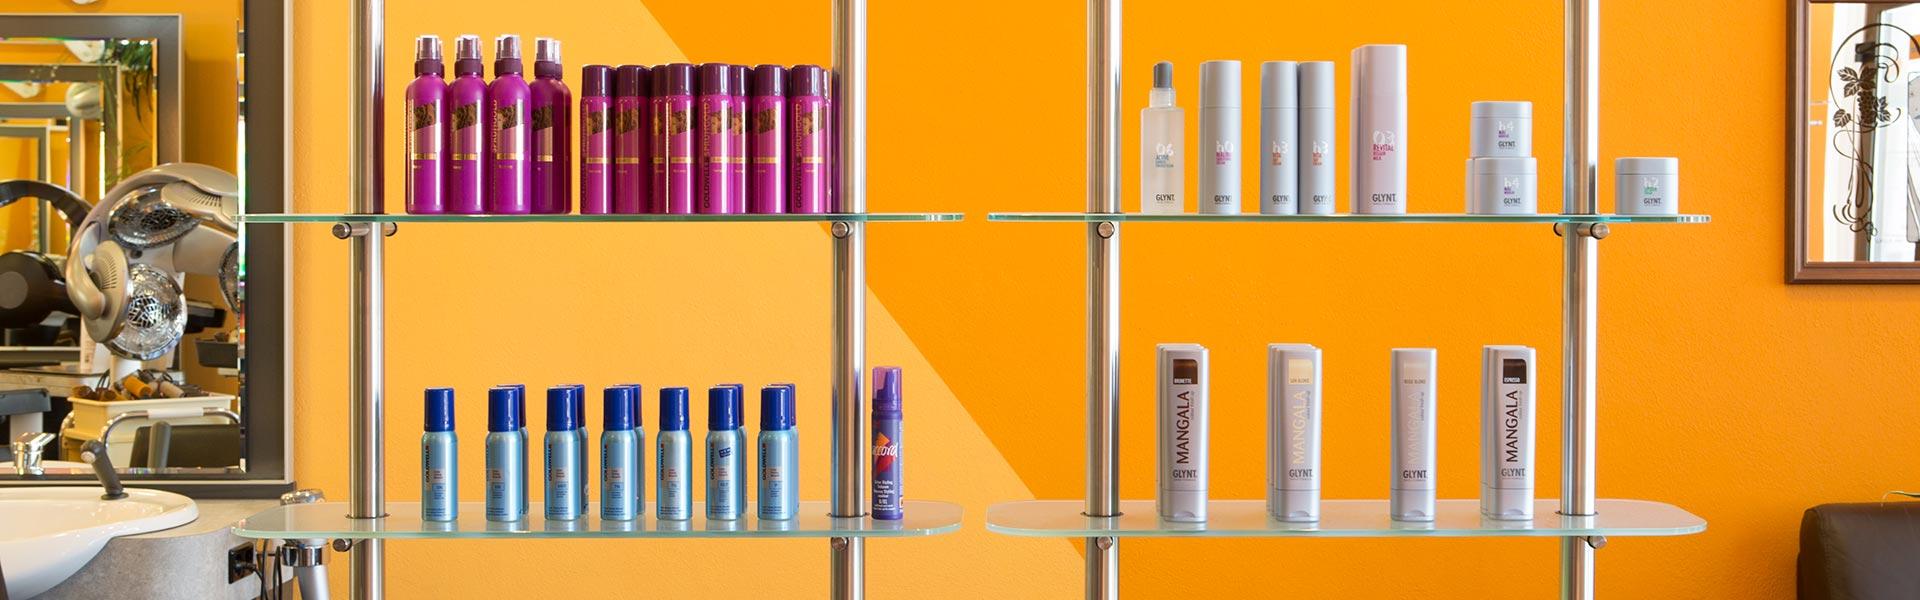 Produkte von Friseursalon a.gil